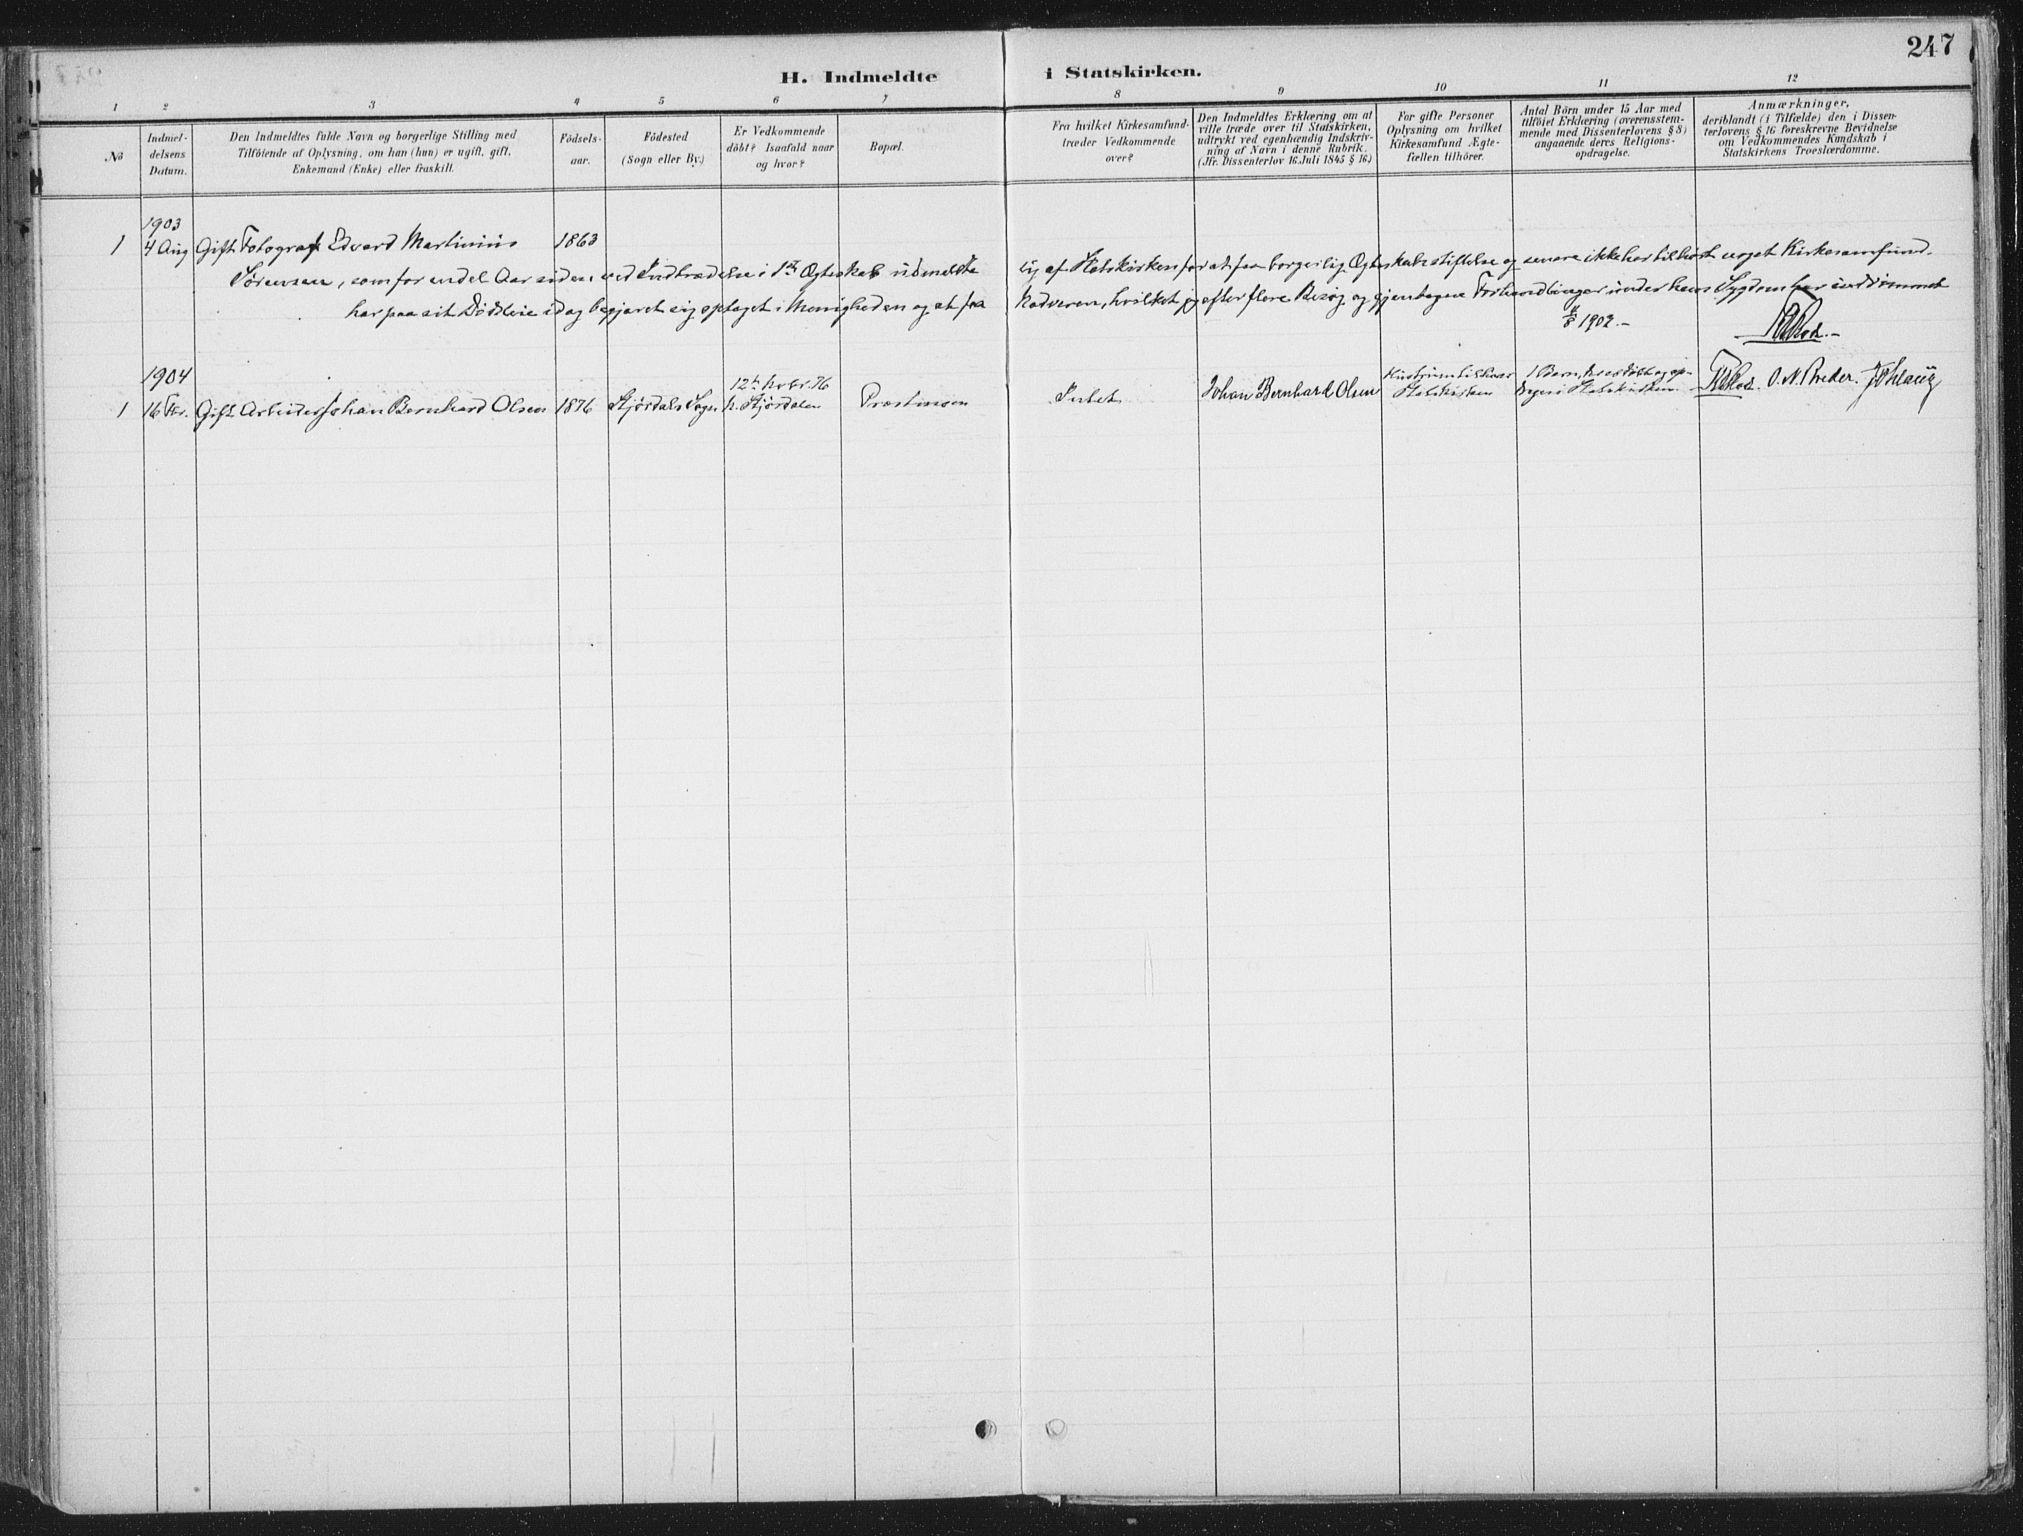 SAT, Ministerialprotokoller, klokkerbøker og fødselsregistre - Nord-Trøndelag, 709/L0082: Ministerialbok nr. 709A22, 1896-1916, s. 247